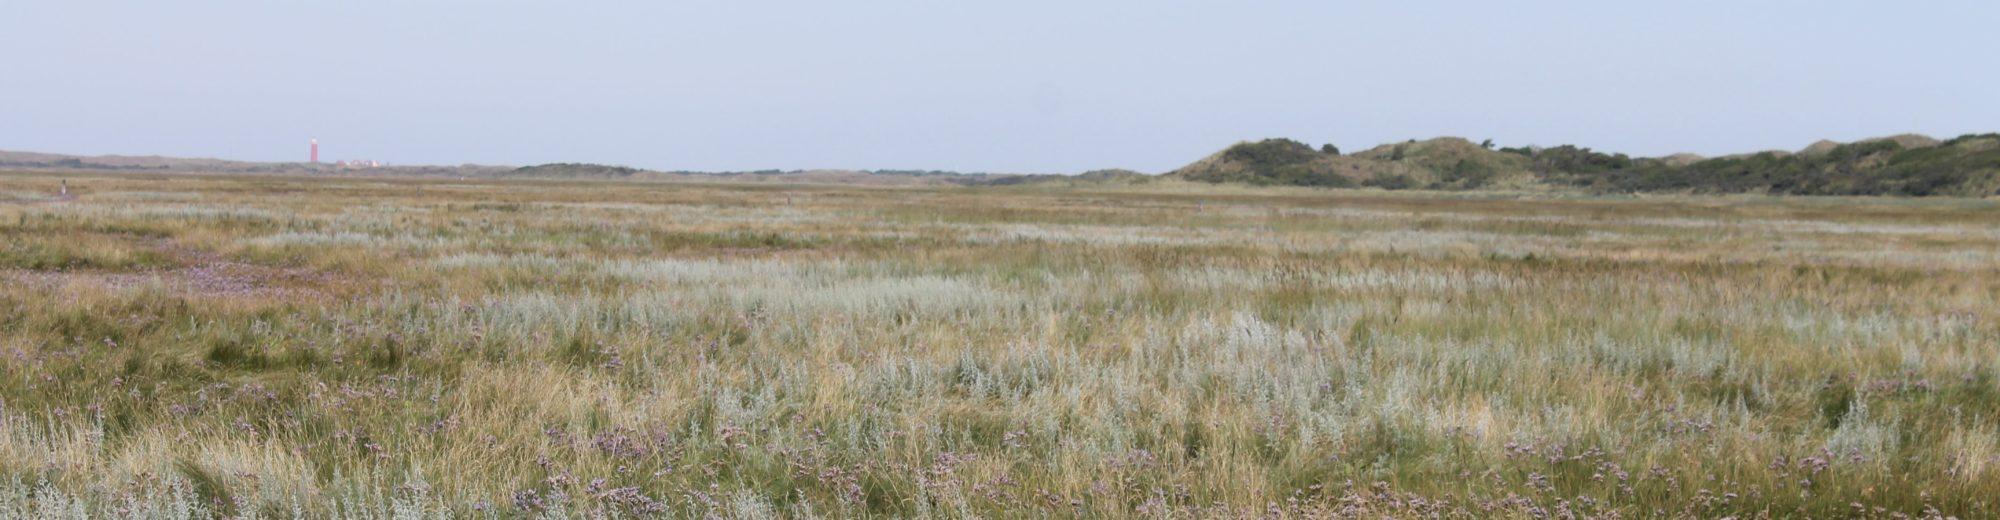 Wijds uitzicht in de Slufter op Texel